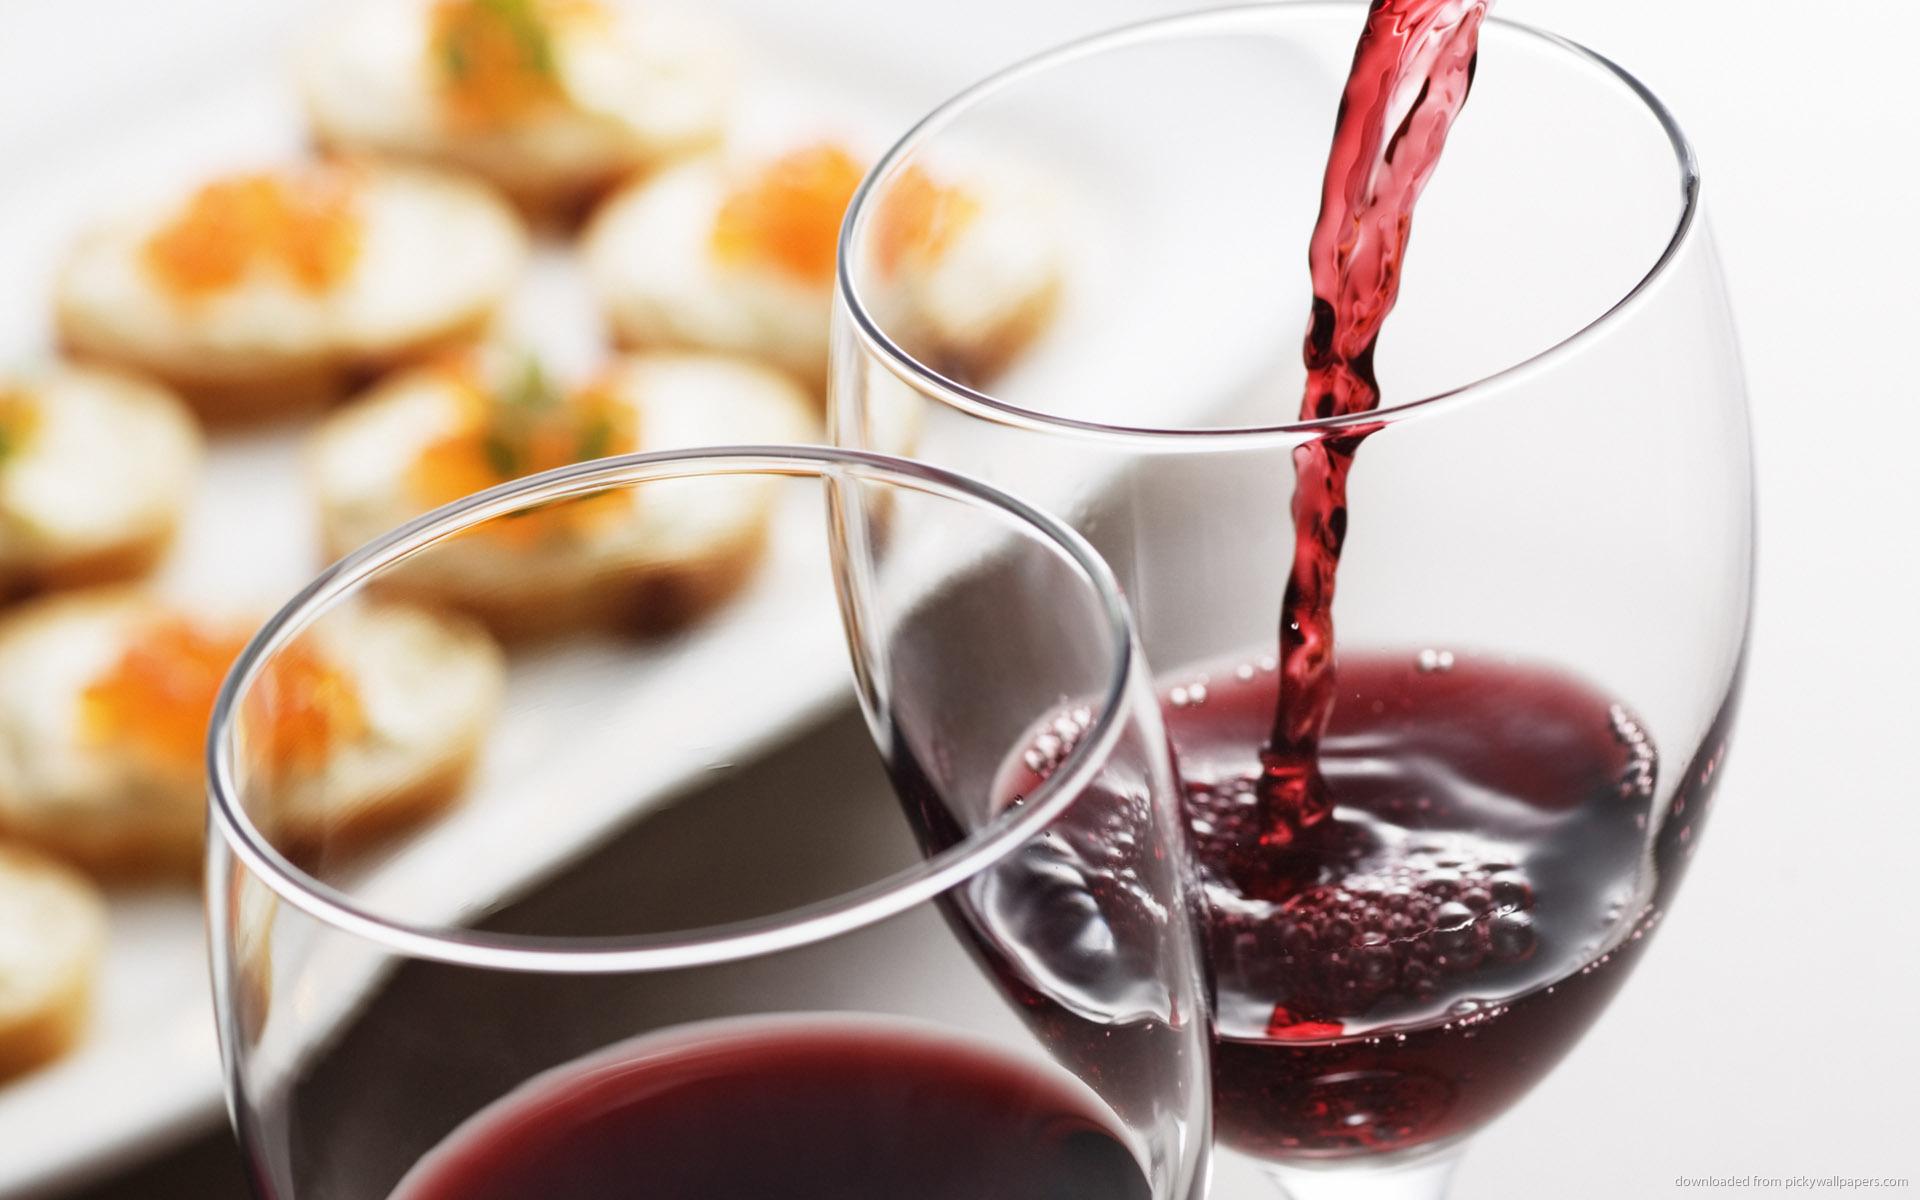 два бокала с красным вином, скачать фото, обои для рабочего стола